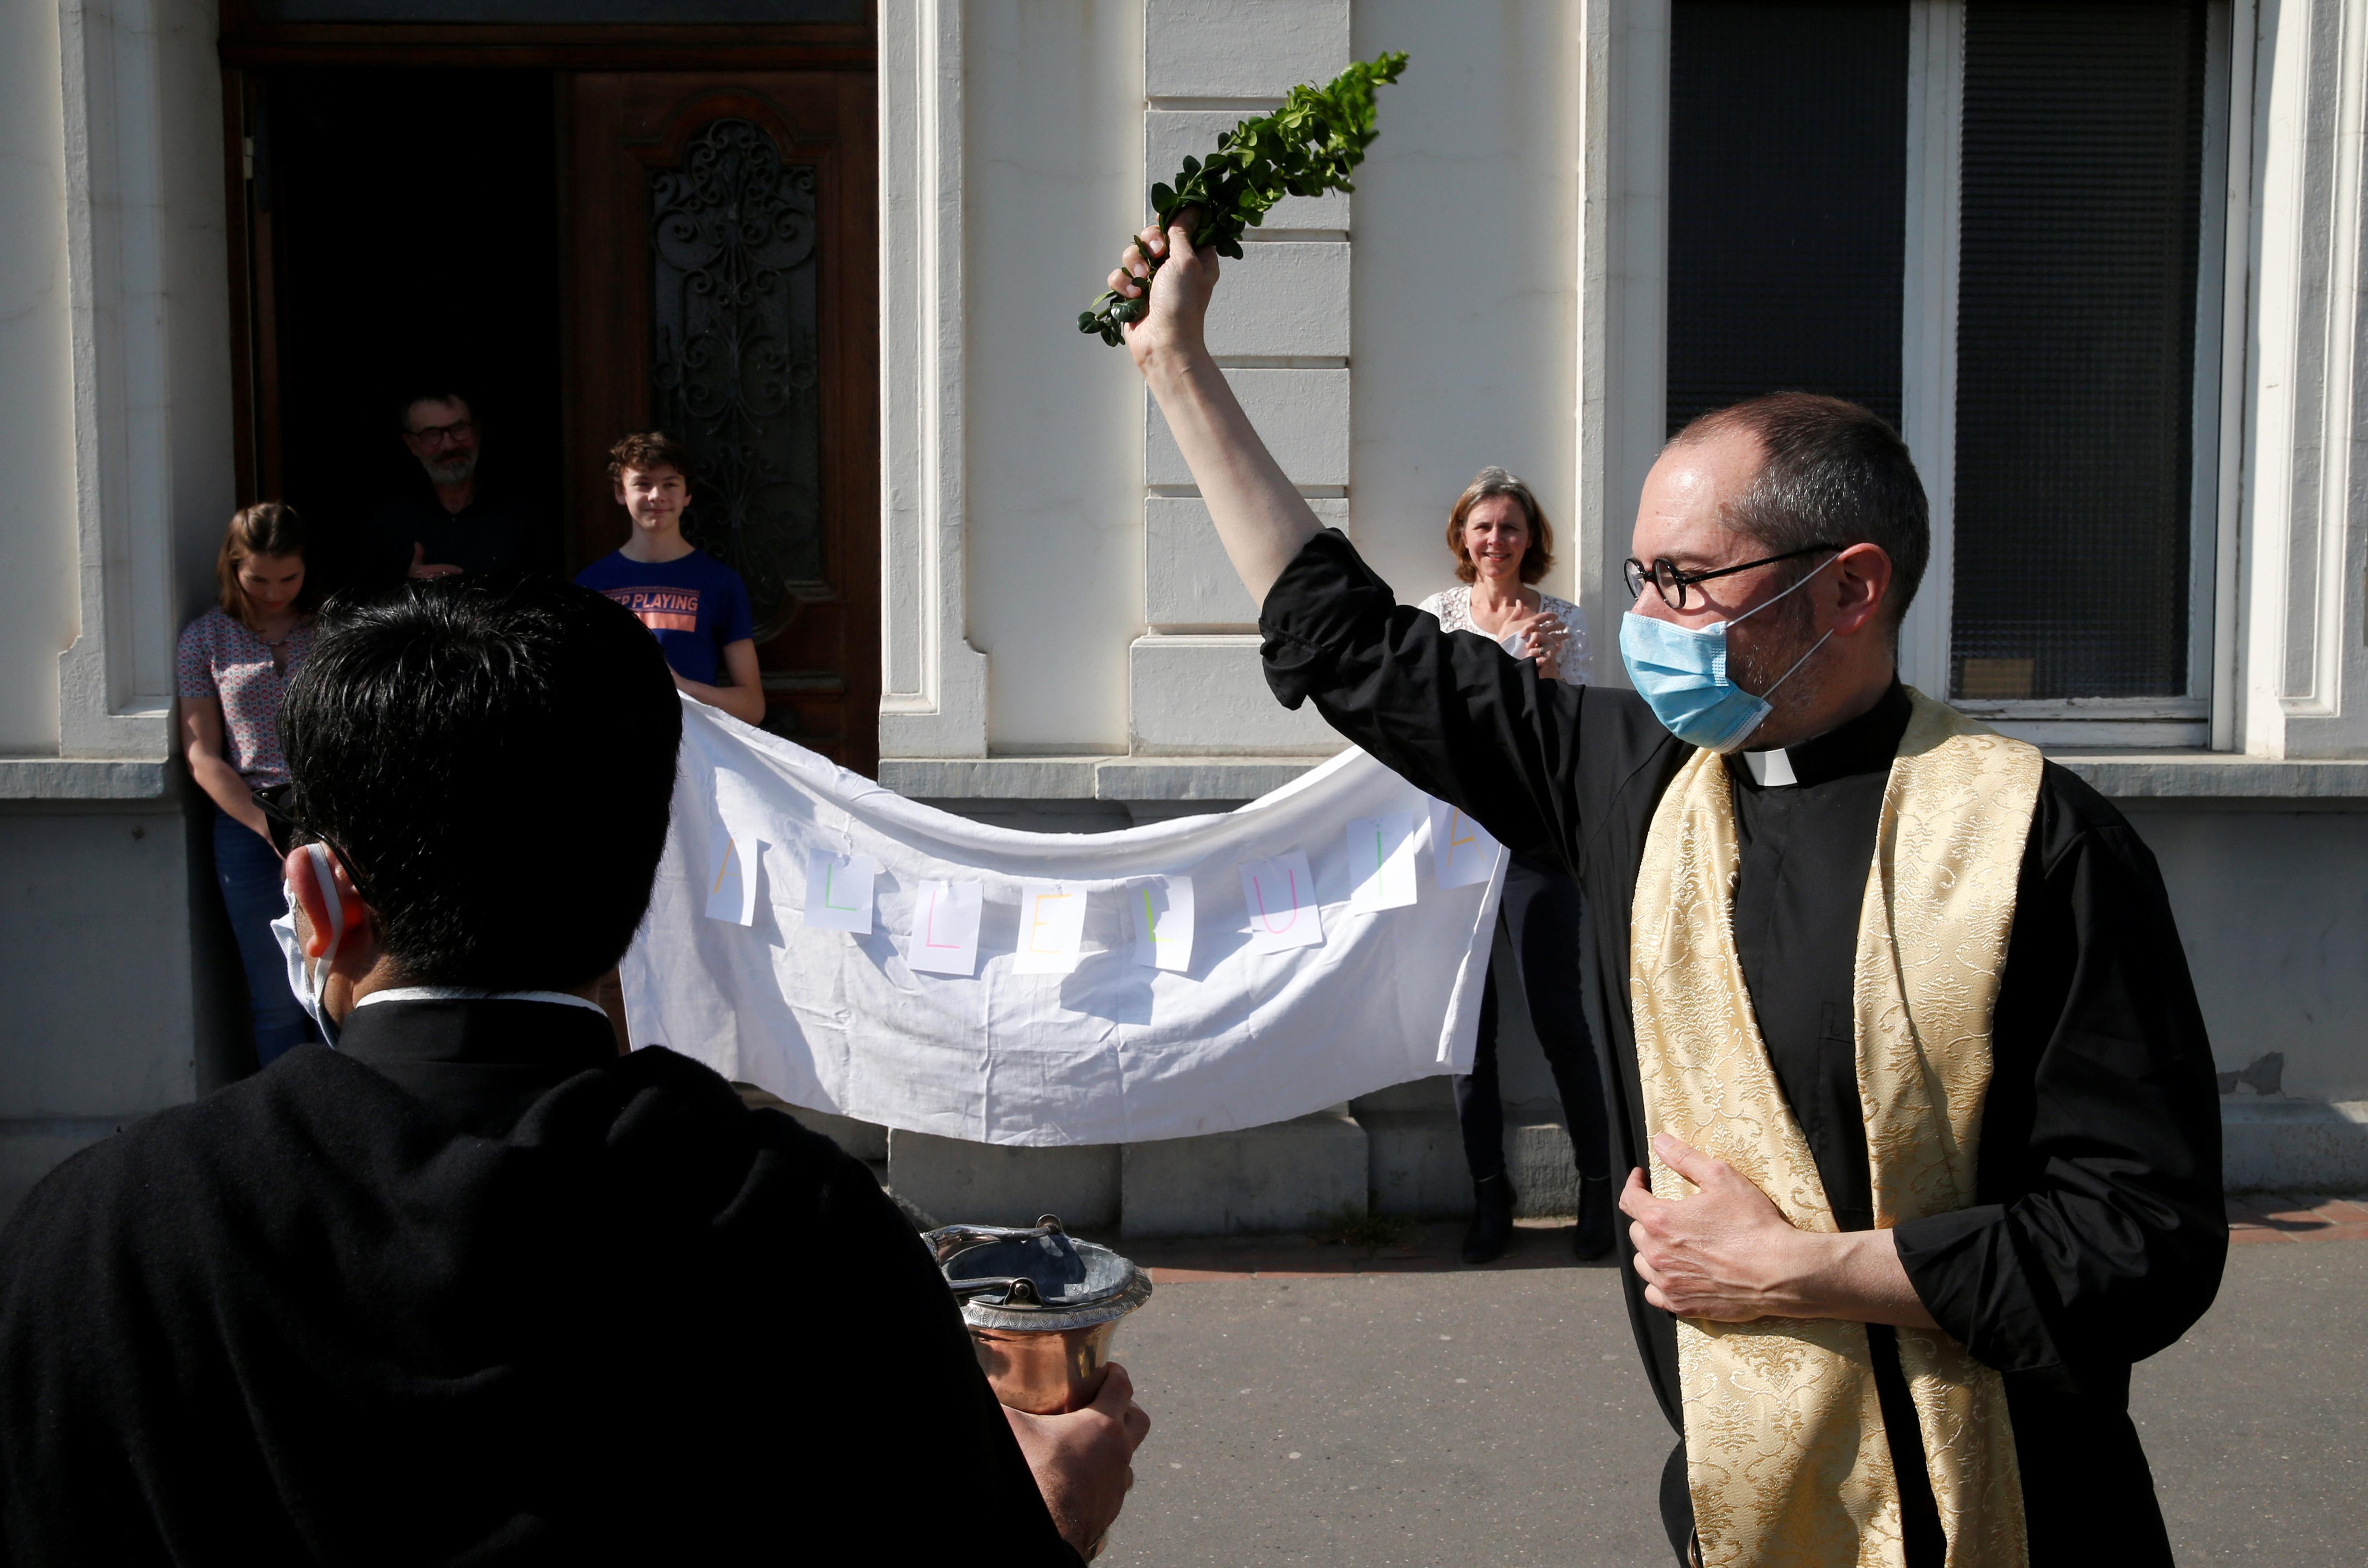 El padre Nicolás Van Lathem en las jornadas de celebración por Pascuas en Arras, Francia